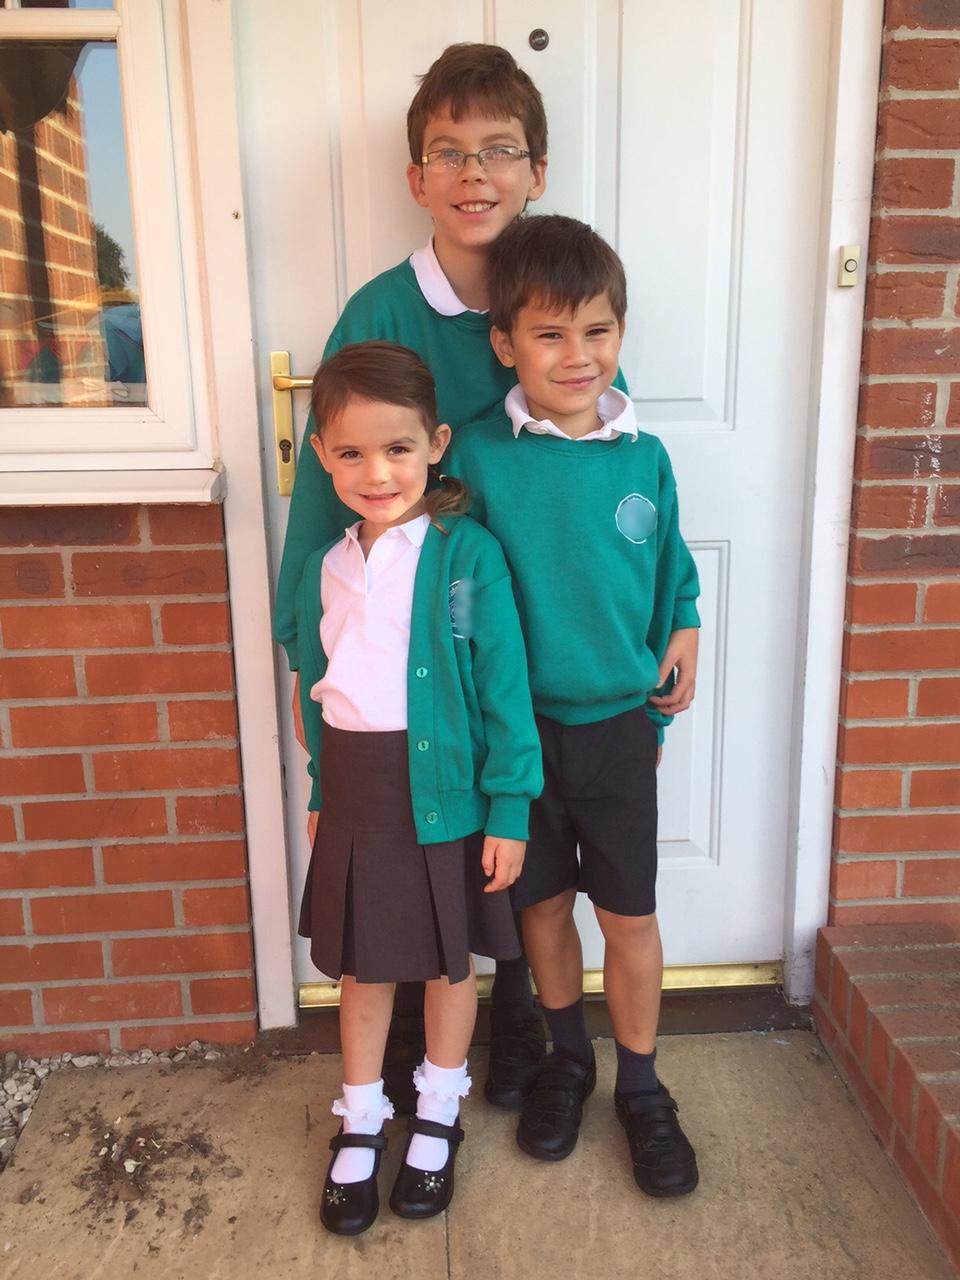 Kara Isaac Toby school uniform